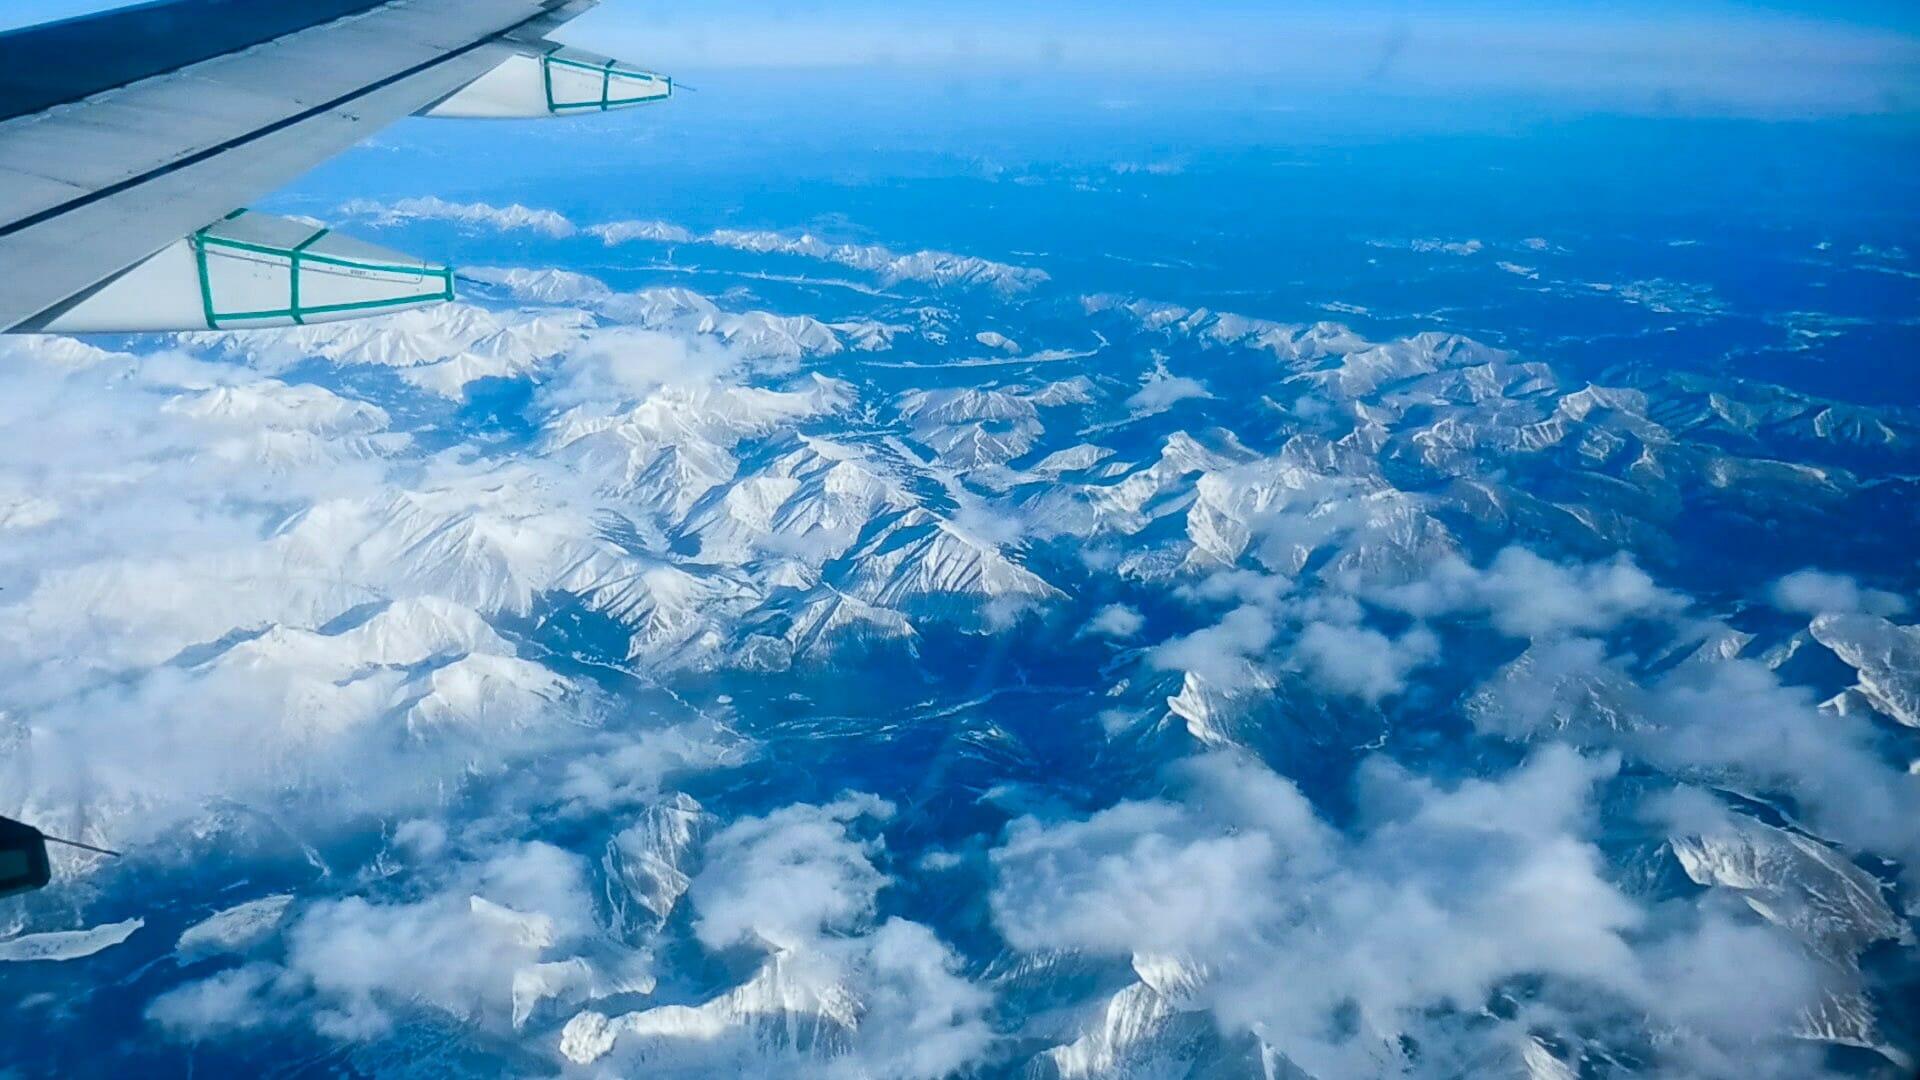 Flug über die schneebedeckten Rocky Mountains